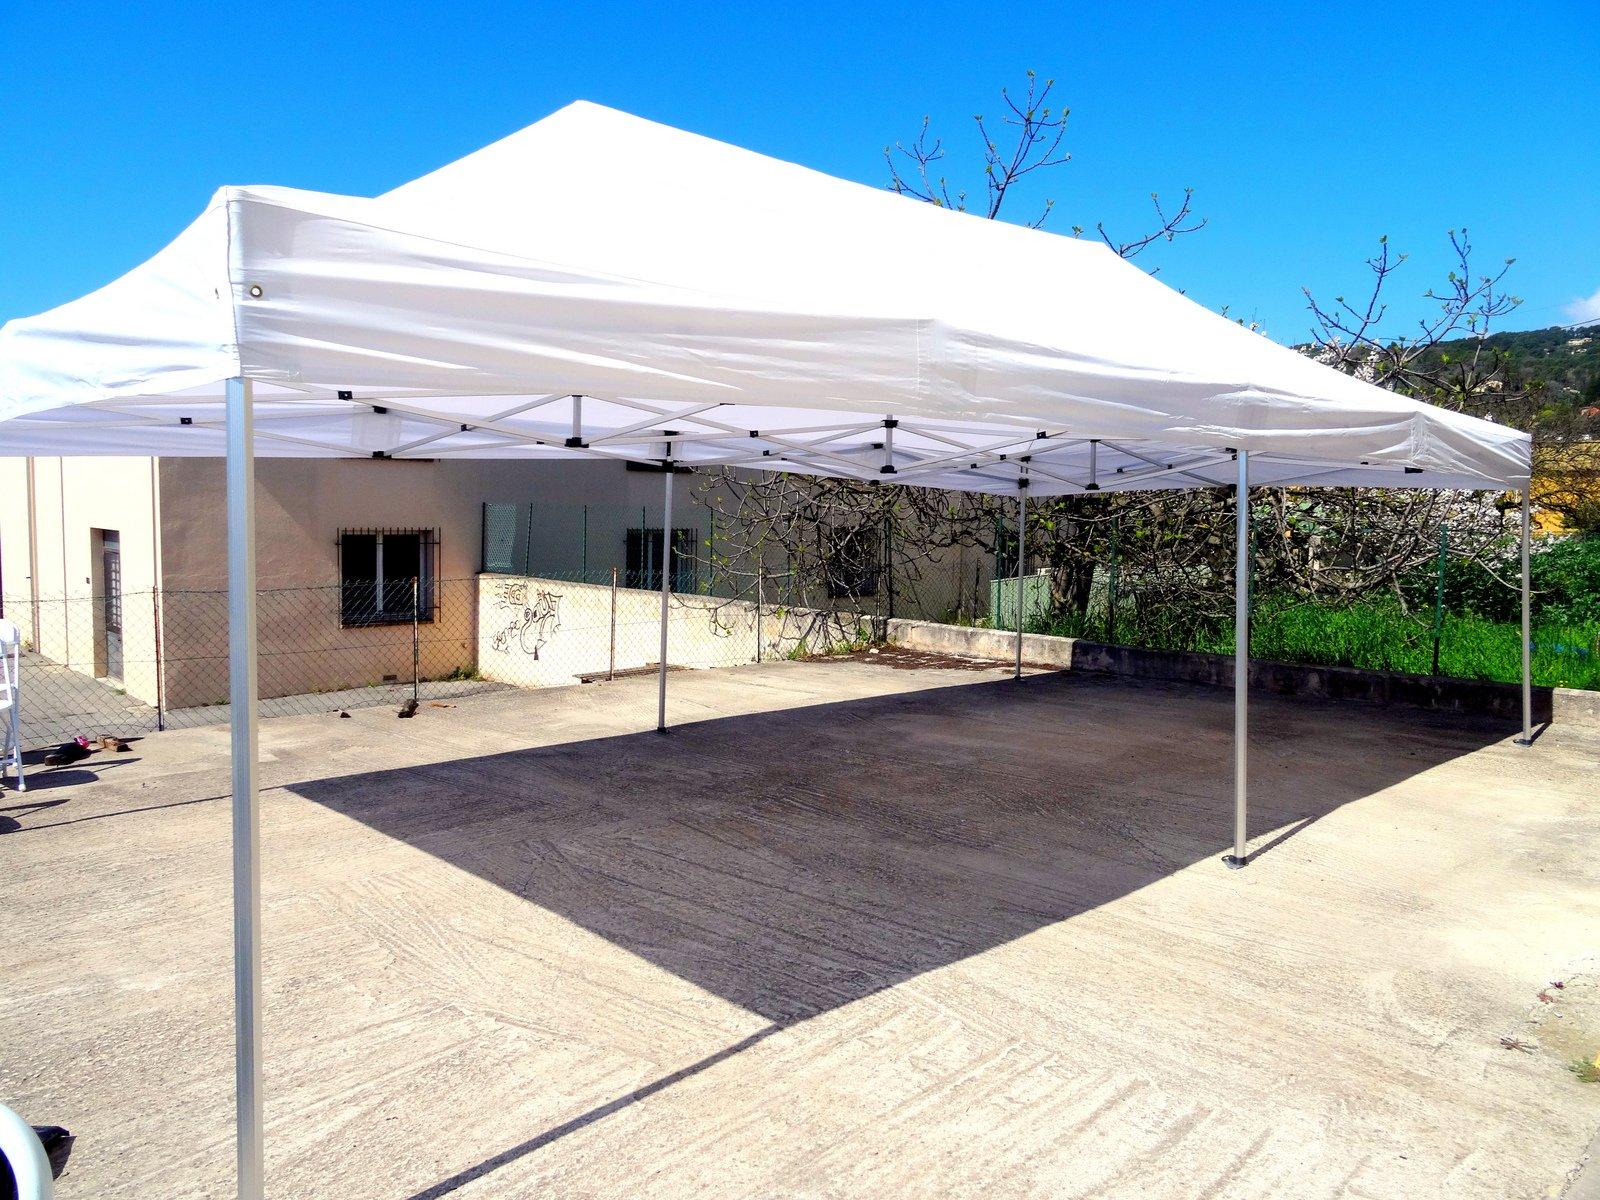 Location Tente 4x8m Pro Depliable